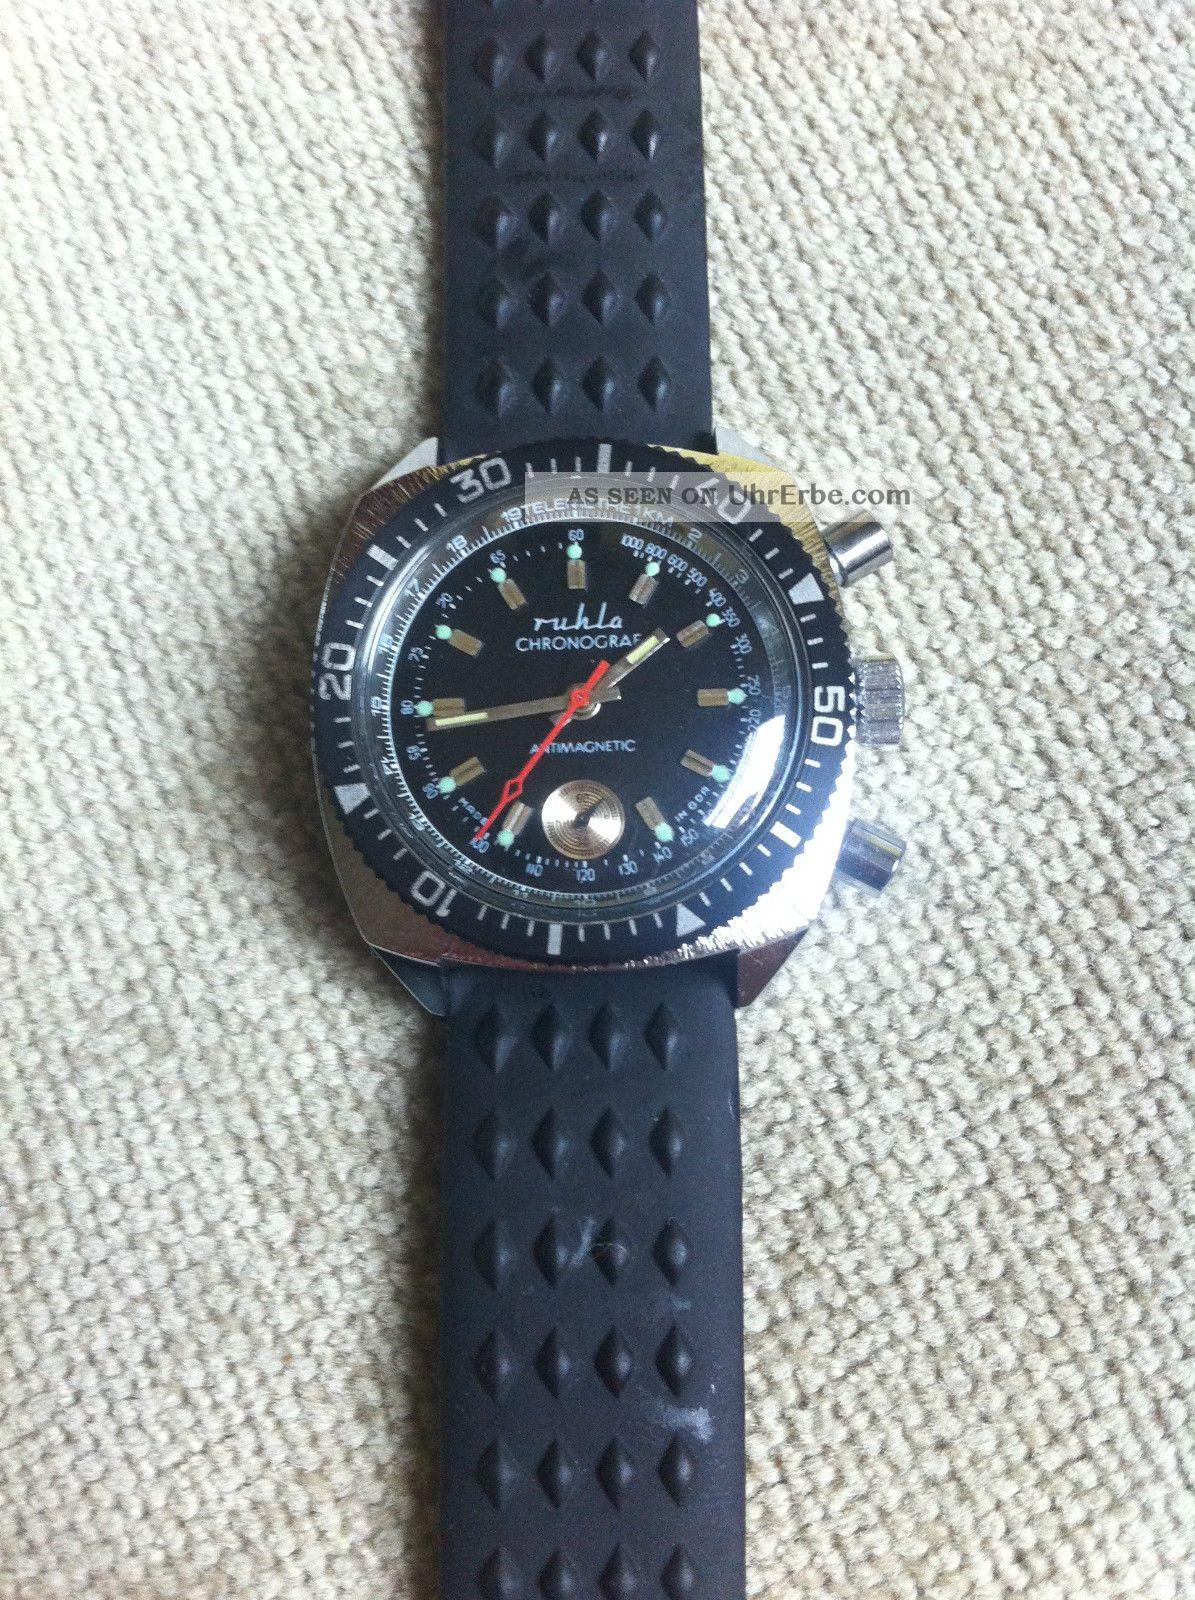 Ruhla Chronograf Ungetragen,  Vintage Ddr 70er - 80er Jahre,  Nos Armbanduhren Bild